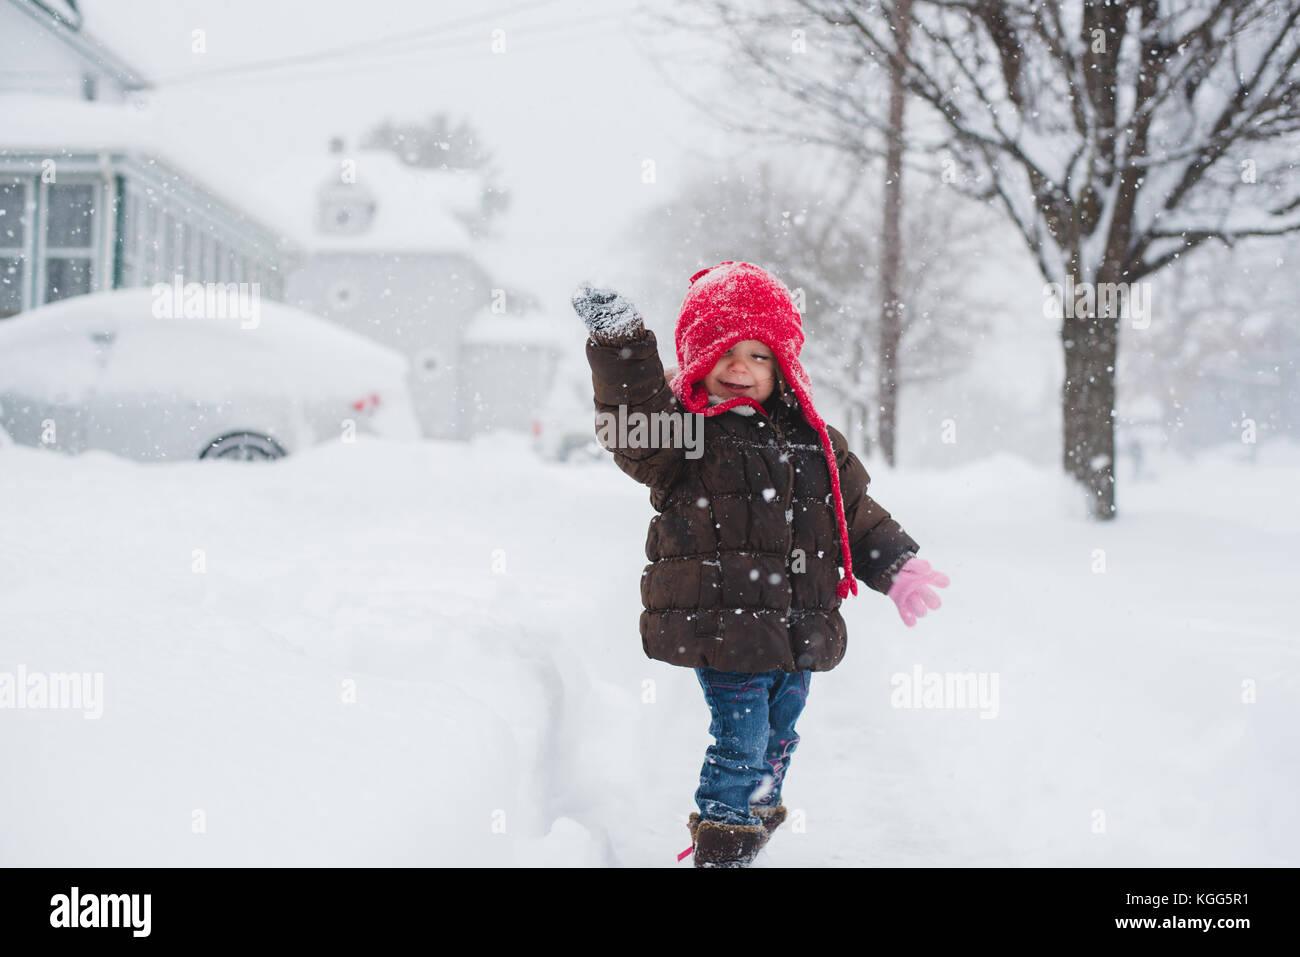 2-3 anno vecchio in piedi nel bel mezzo di una tempesta di neve. Immagini Stock